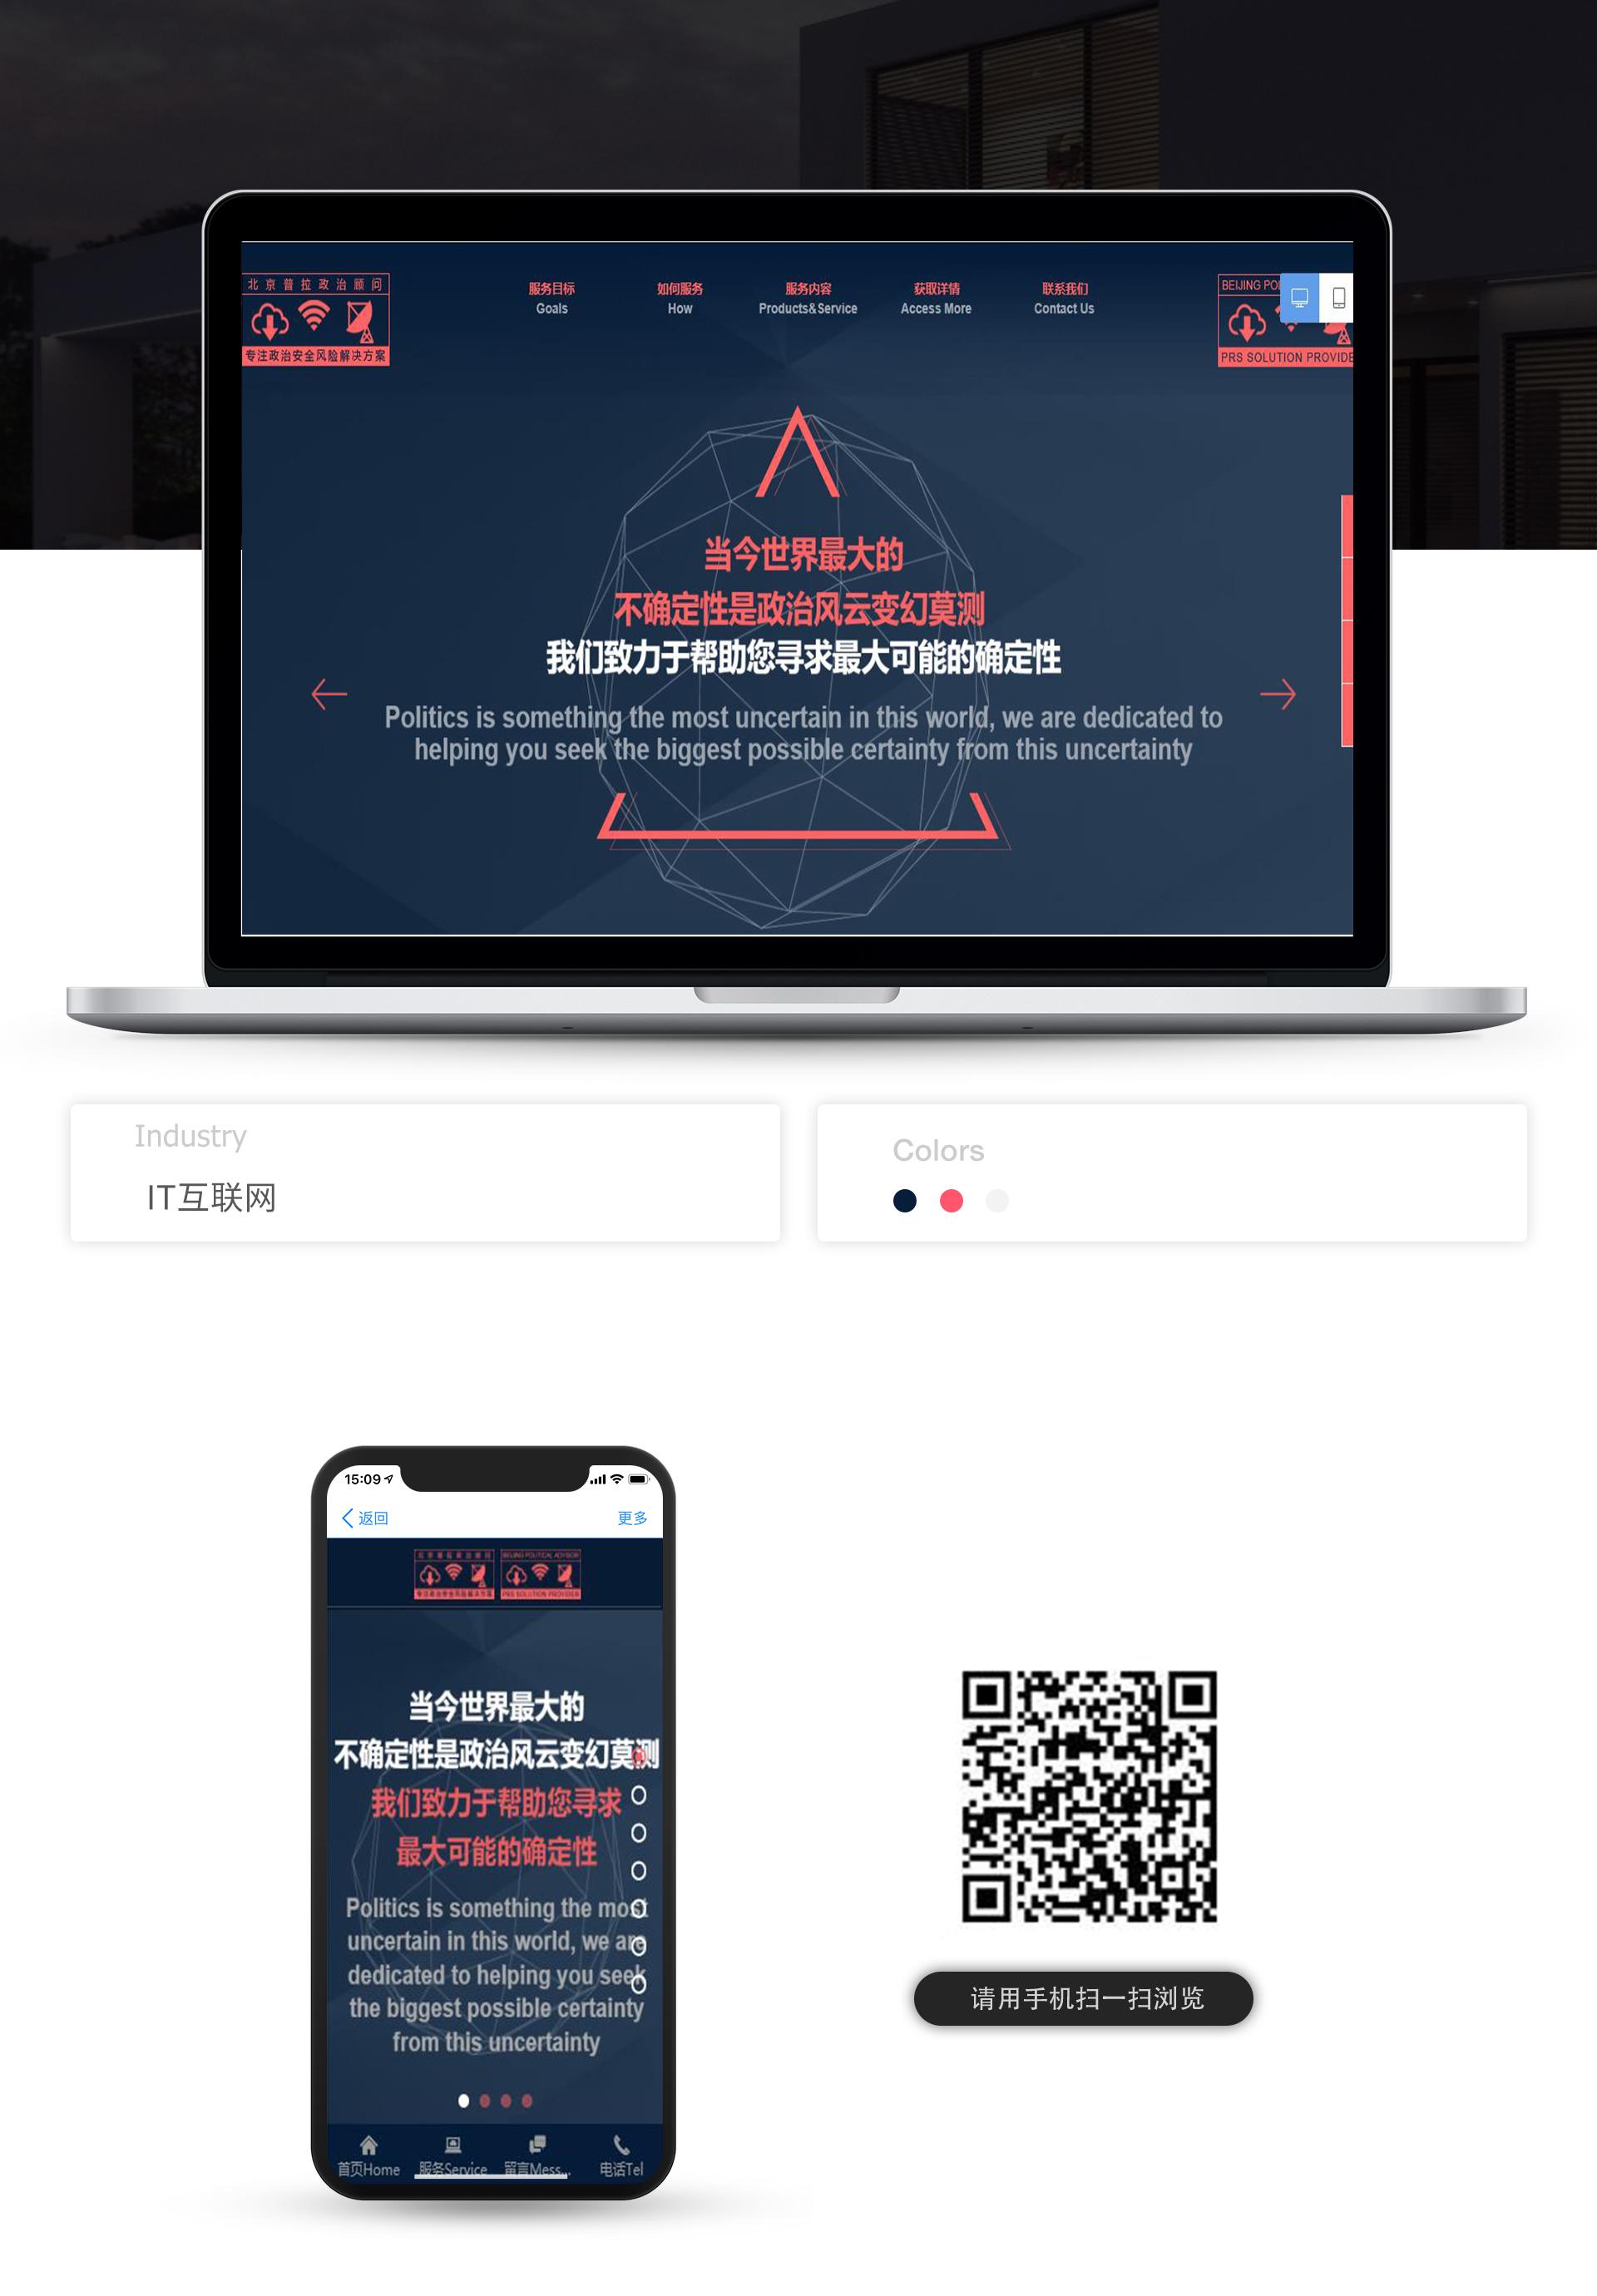 邱晓彬-邱晓彬-北京普拉管理咨询有限公司_01